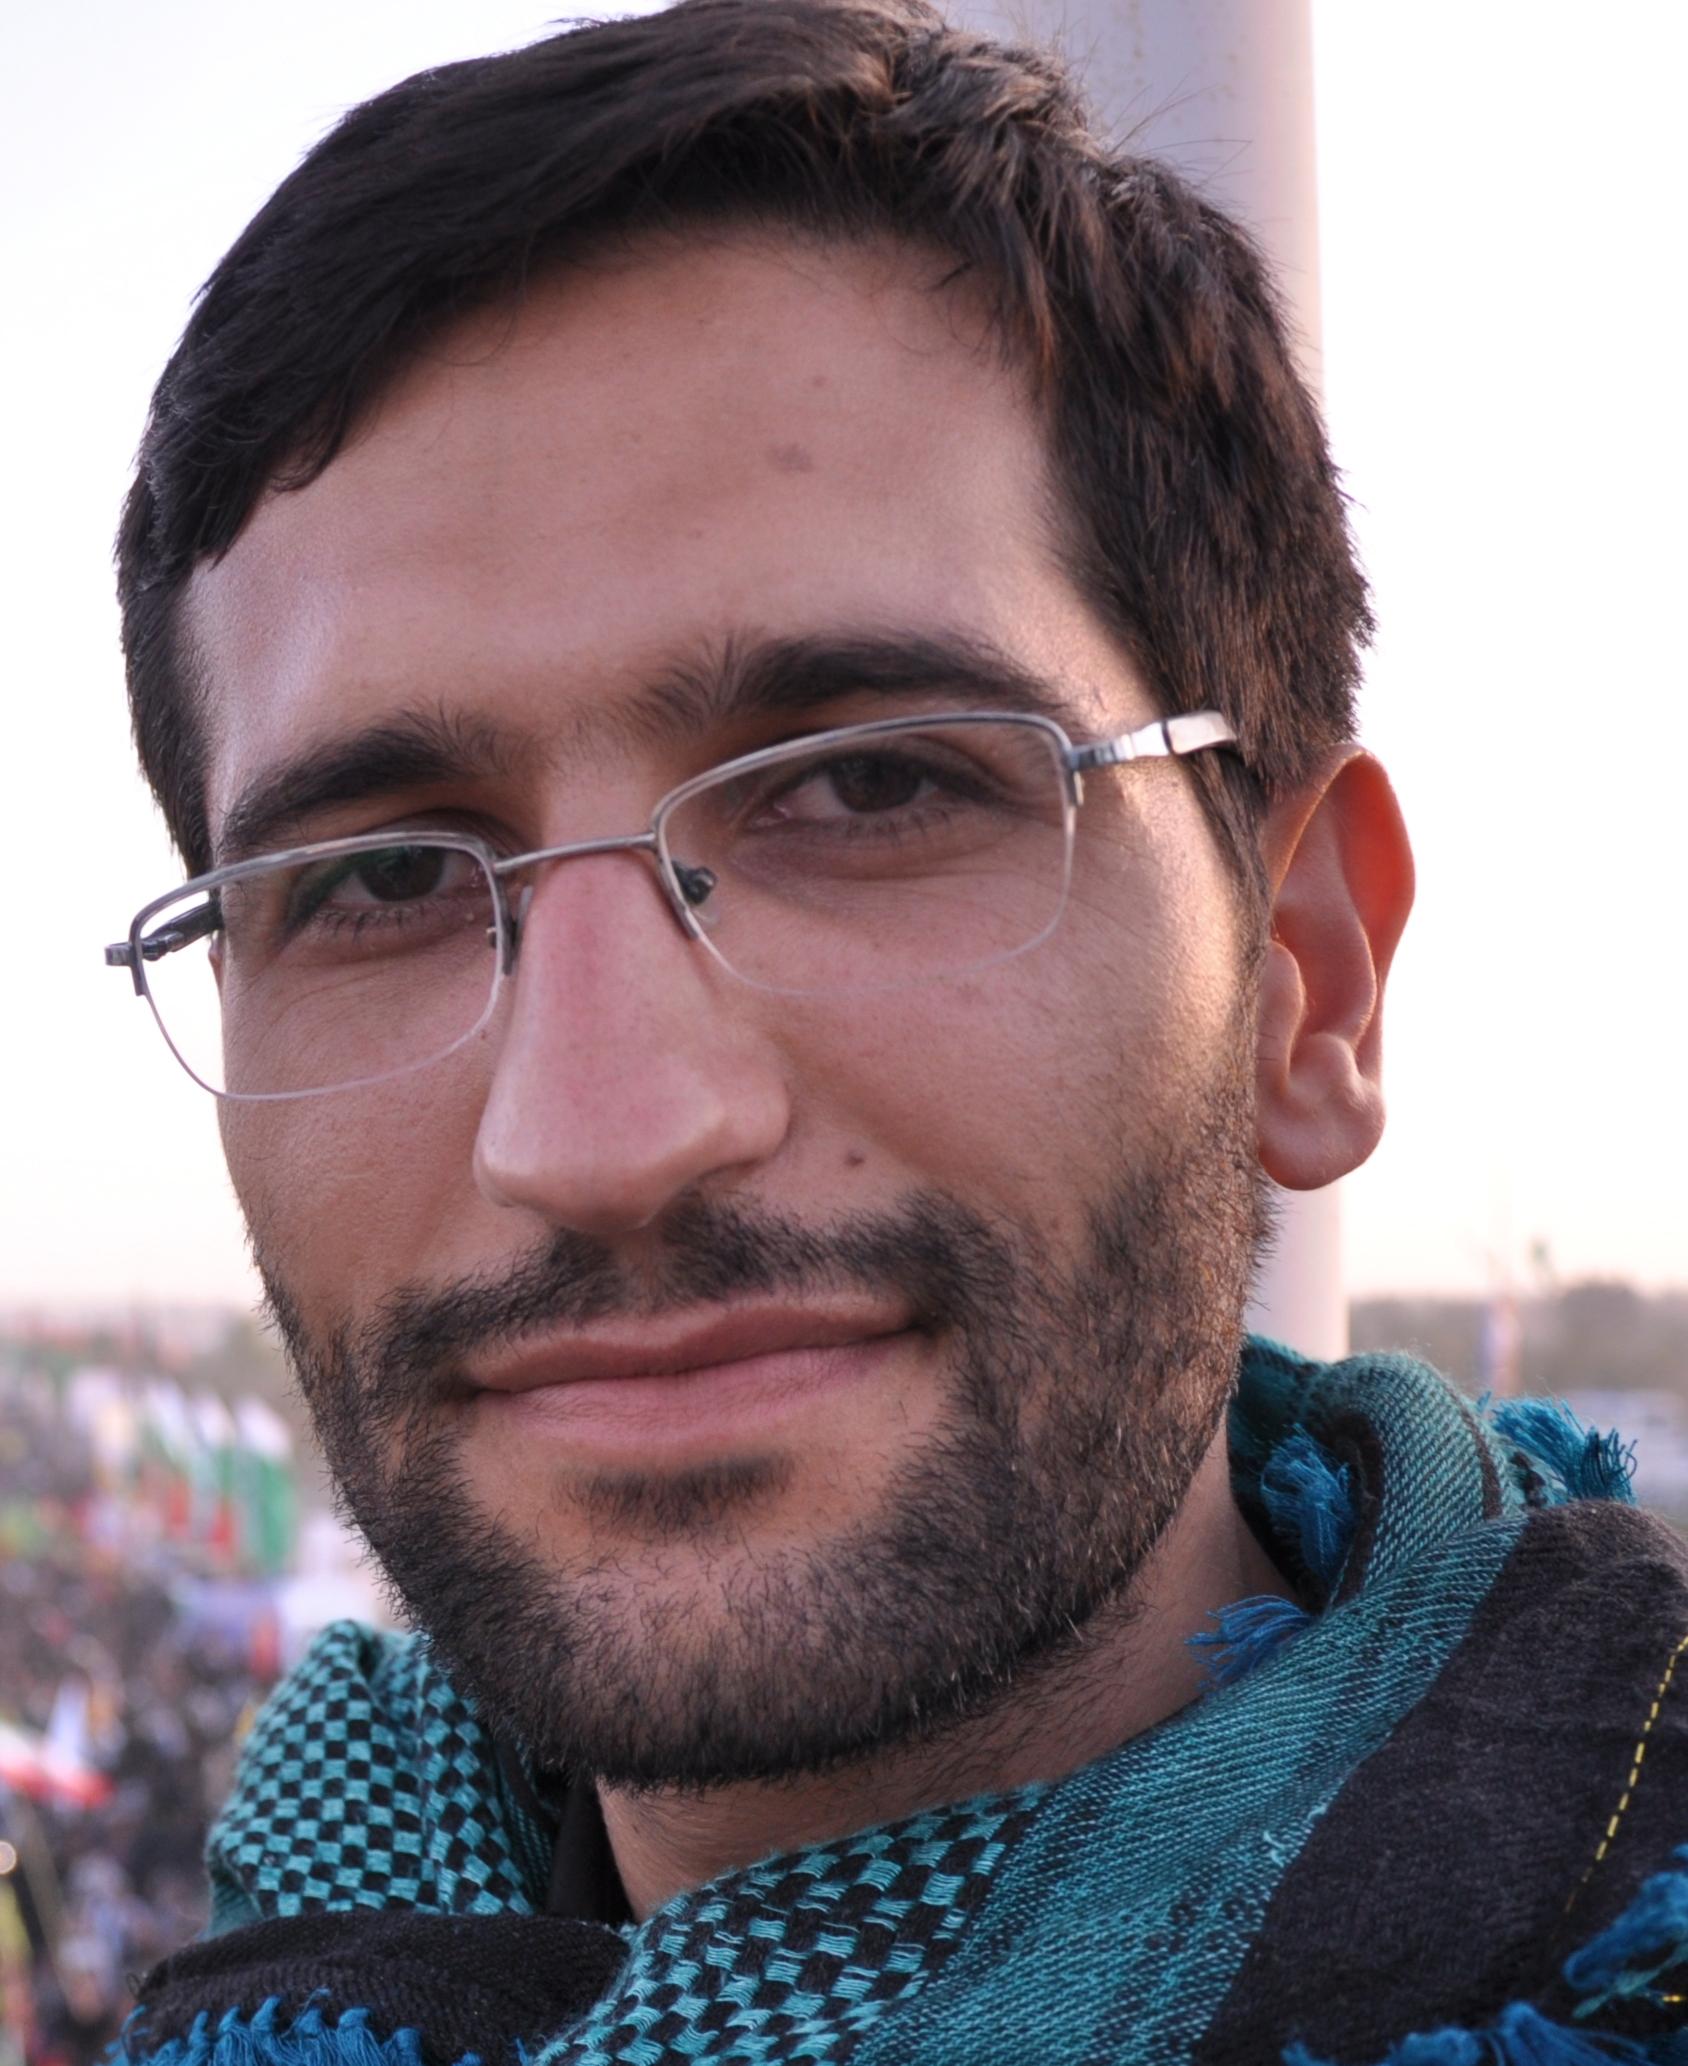 حميدرضا شیخی